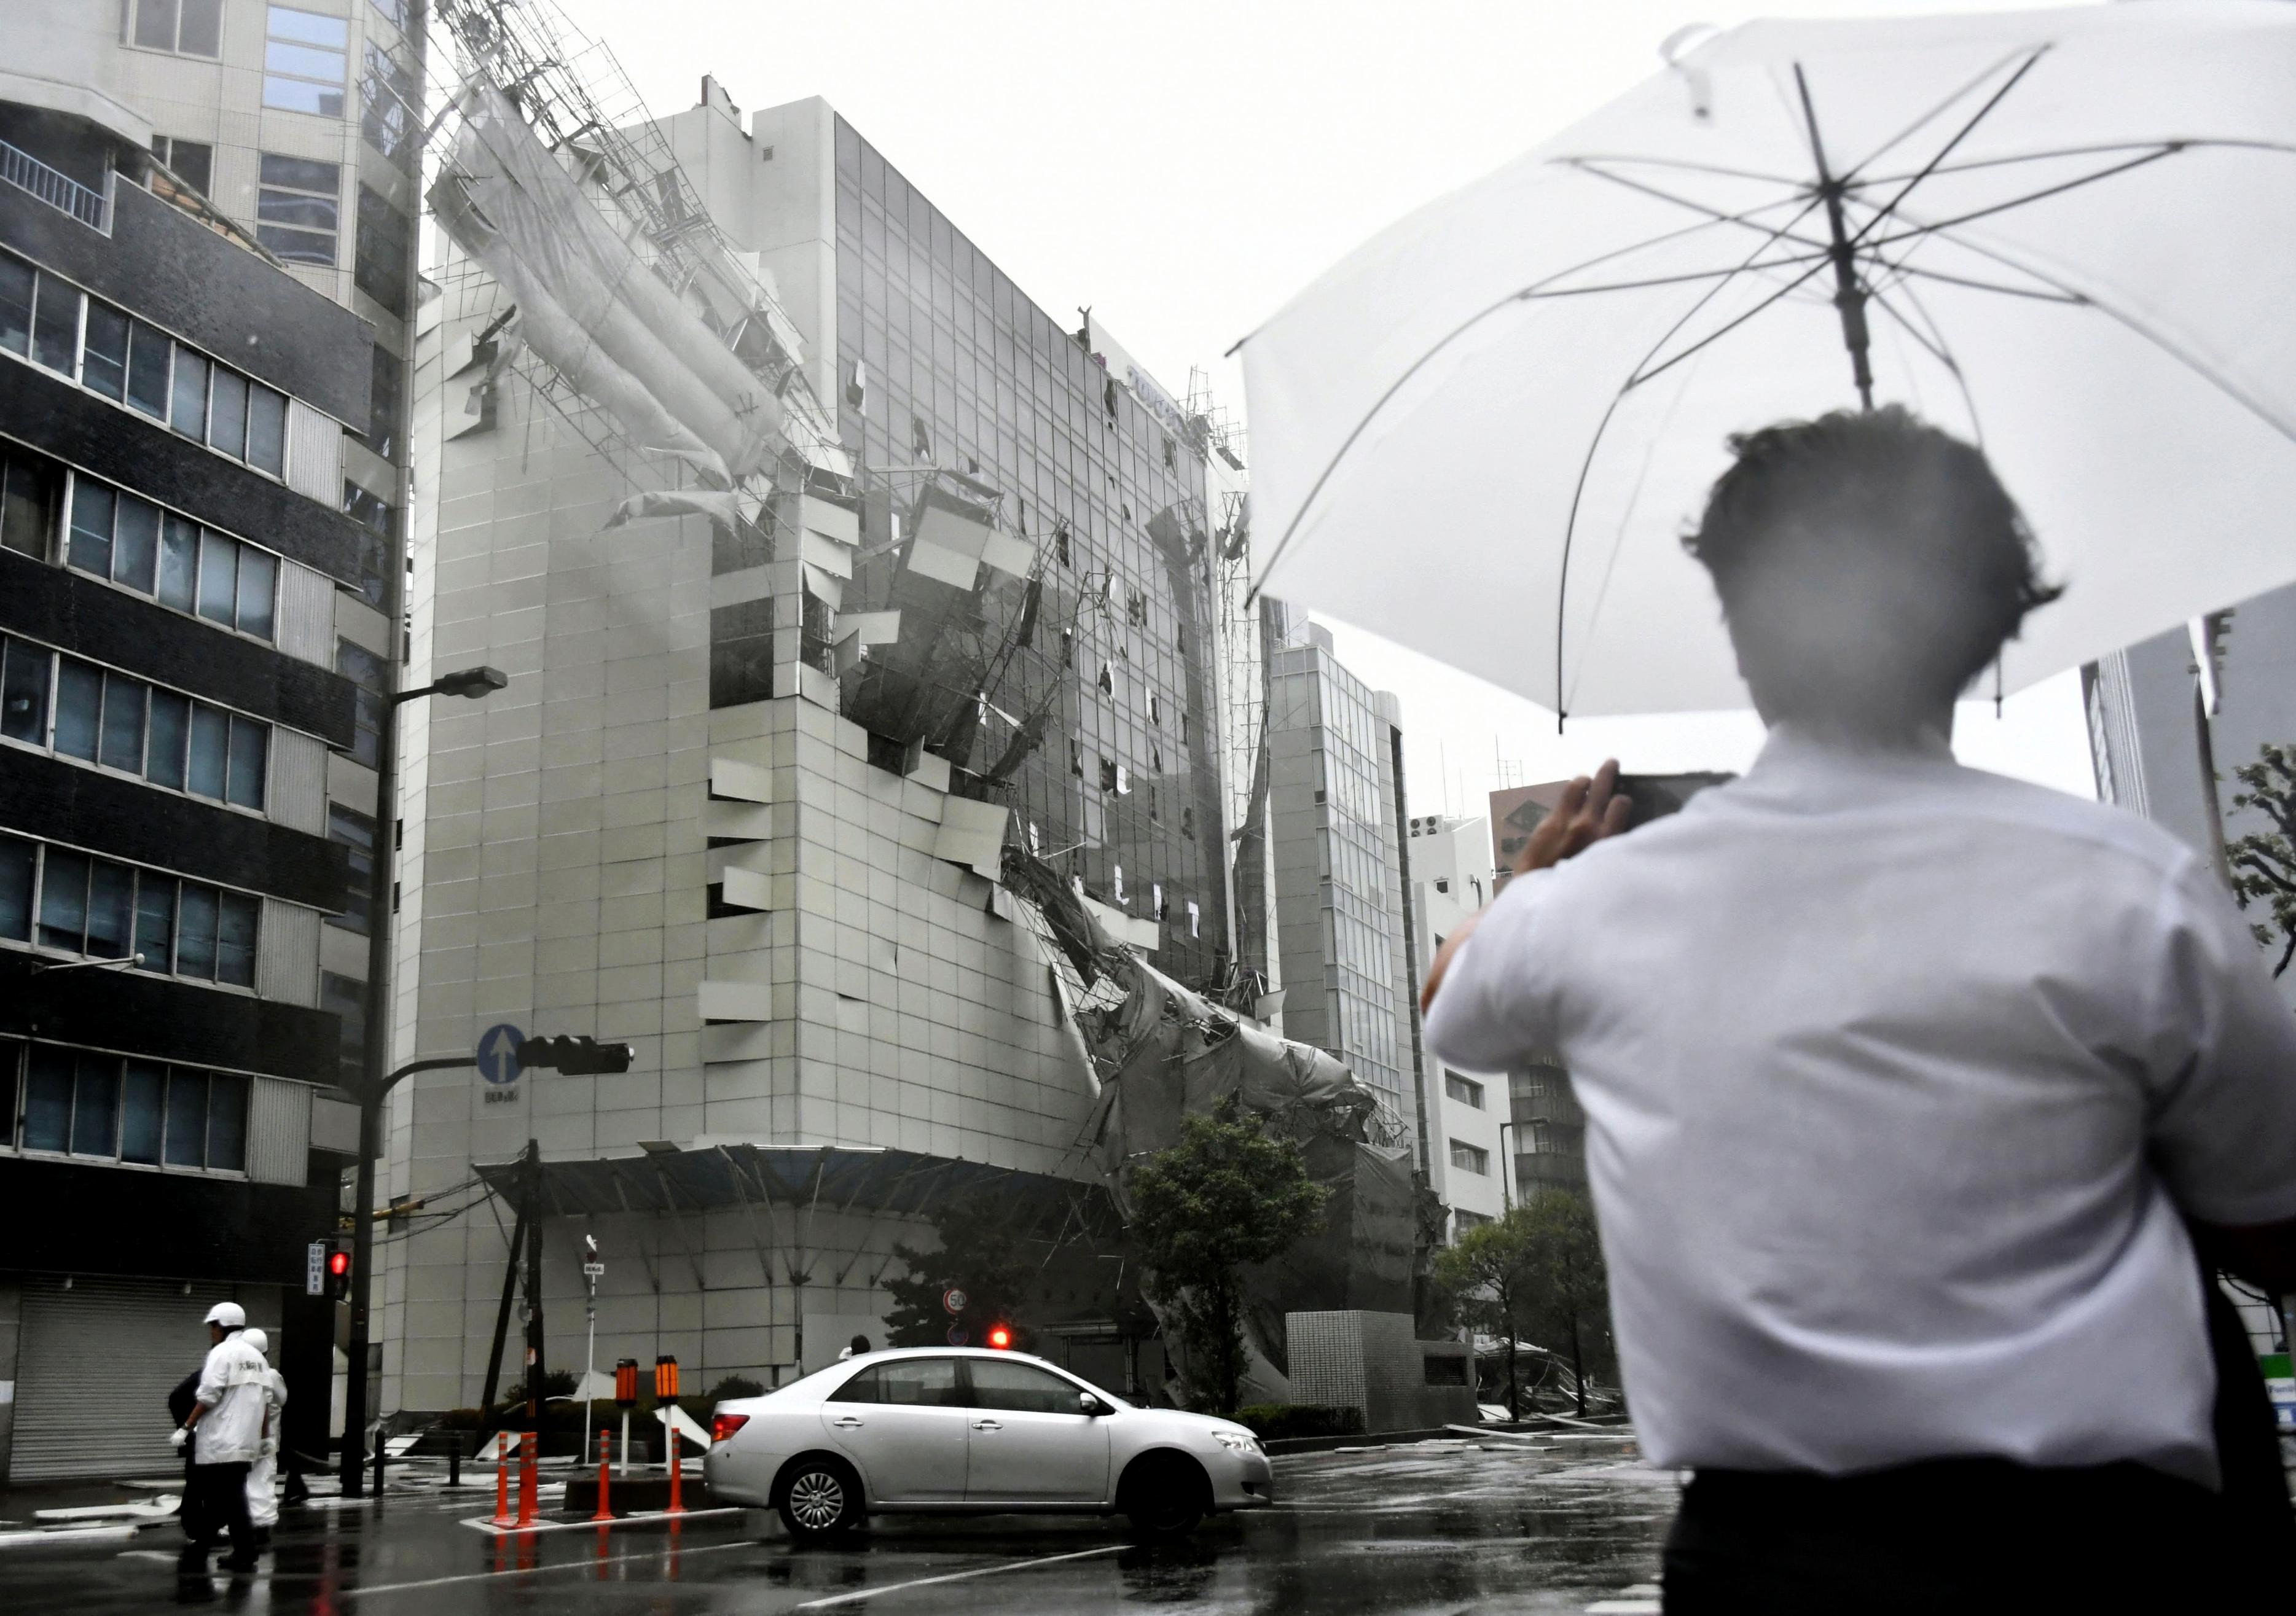 La ola de calor mató a 105 personas solo en Tokio. Las lluvias e inundaciones dejaron al menos 23 muertos entre junio y julio. En agosto, el tifón Jebi mató a 11 personas